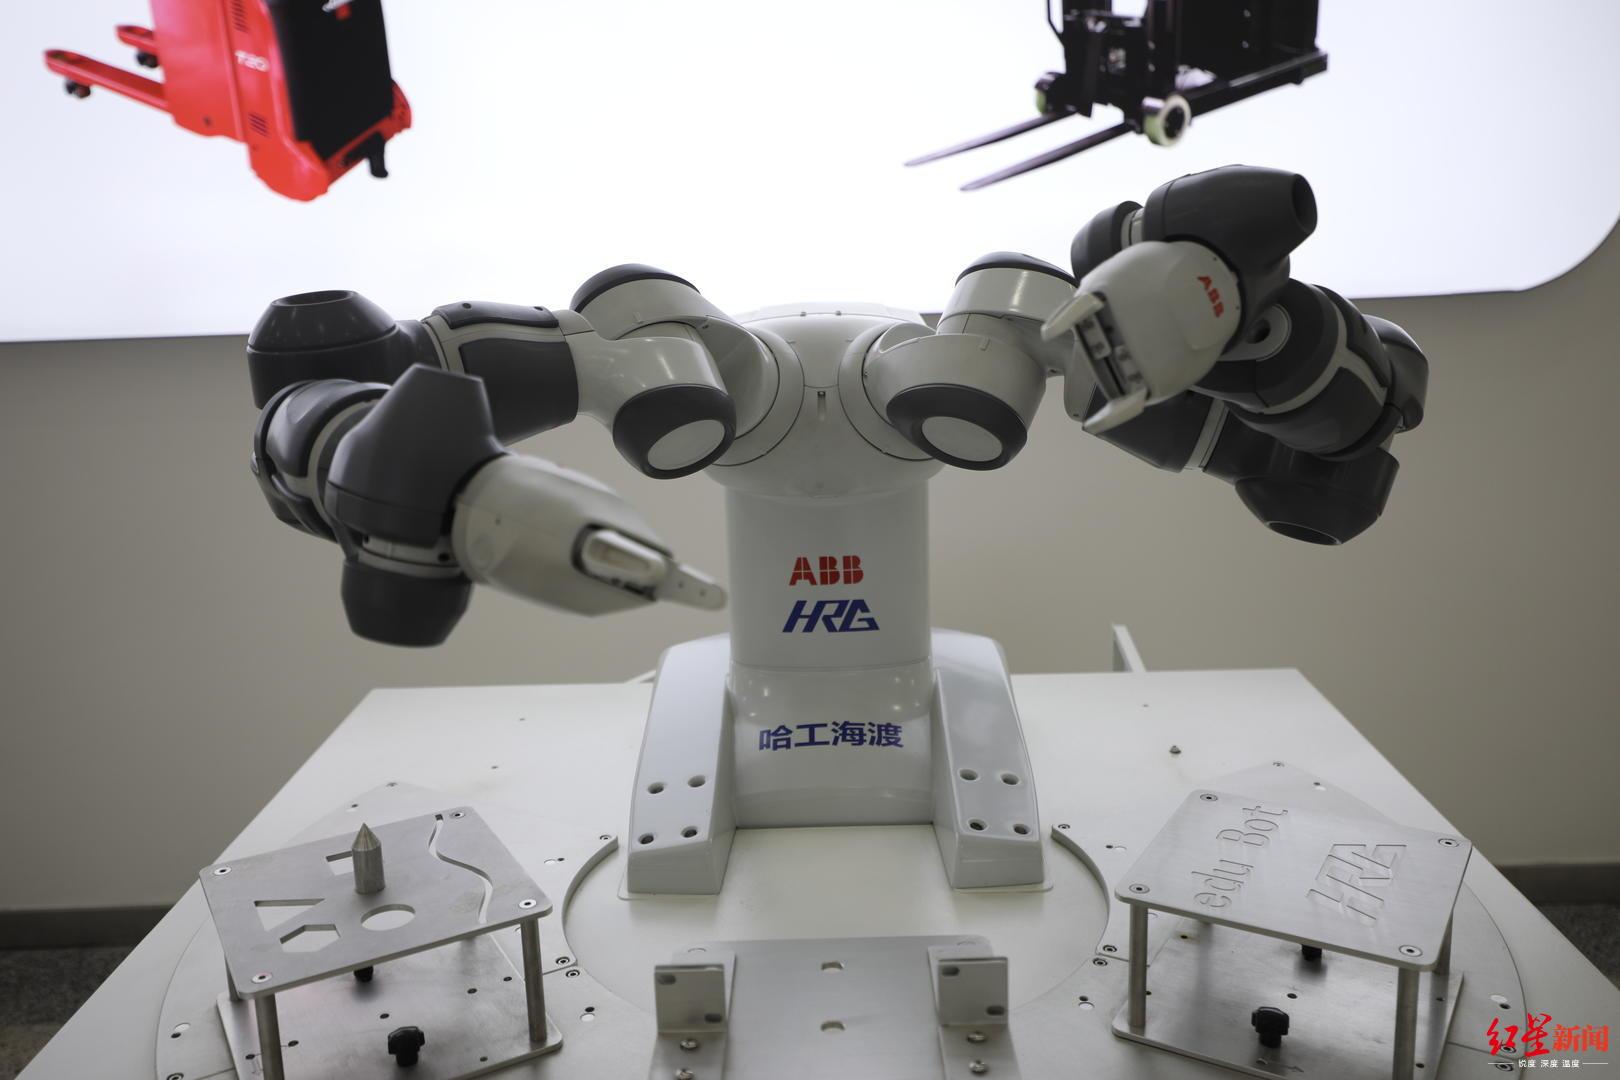 无刷直流电机启动,成都这个地方,居然藏着这么多机器人!可以预约哦~_哈工大